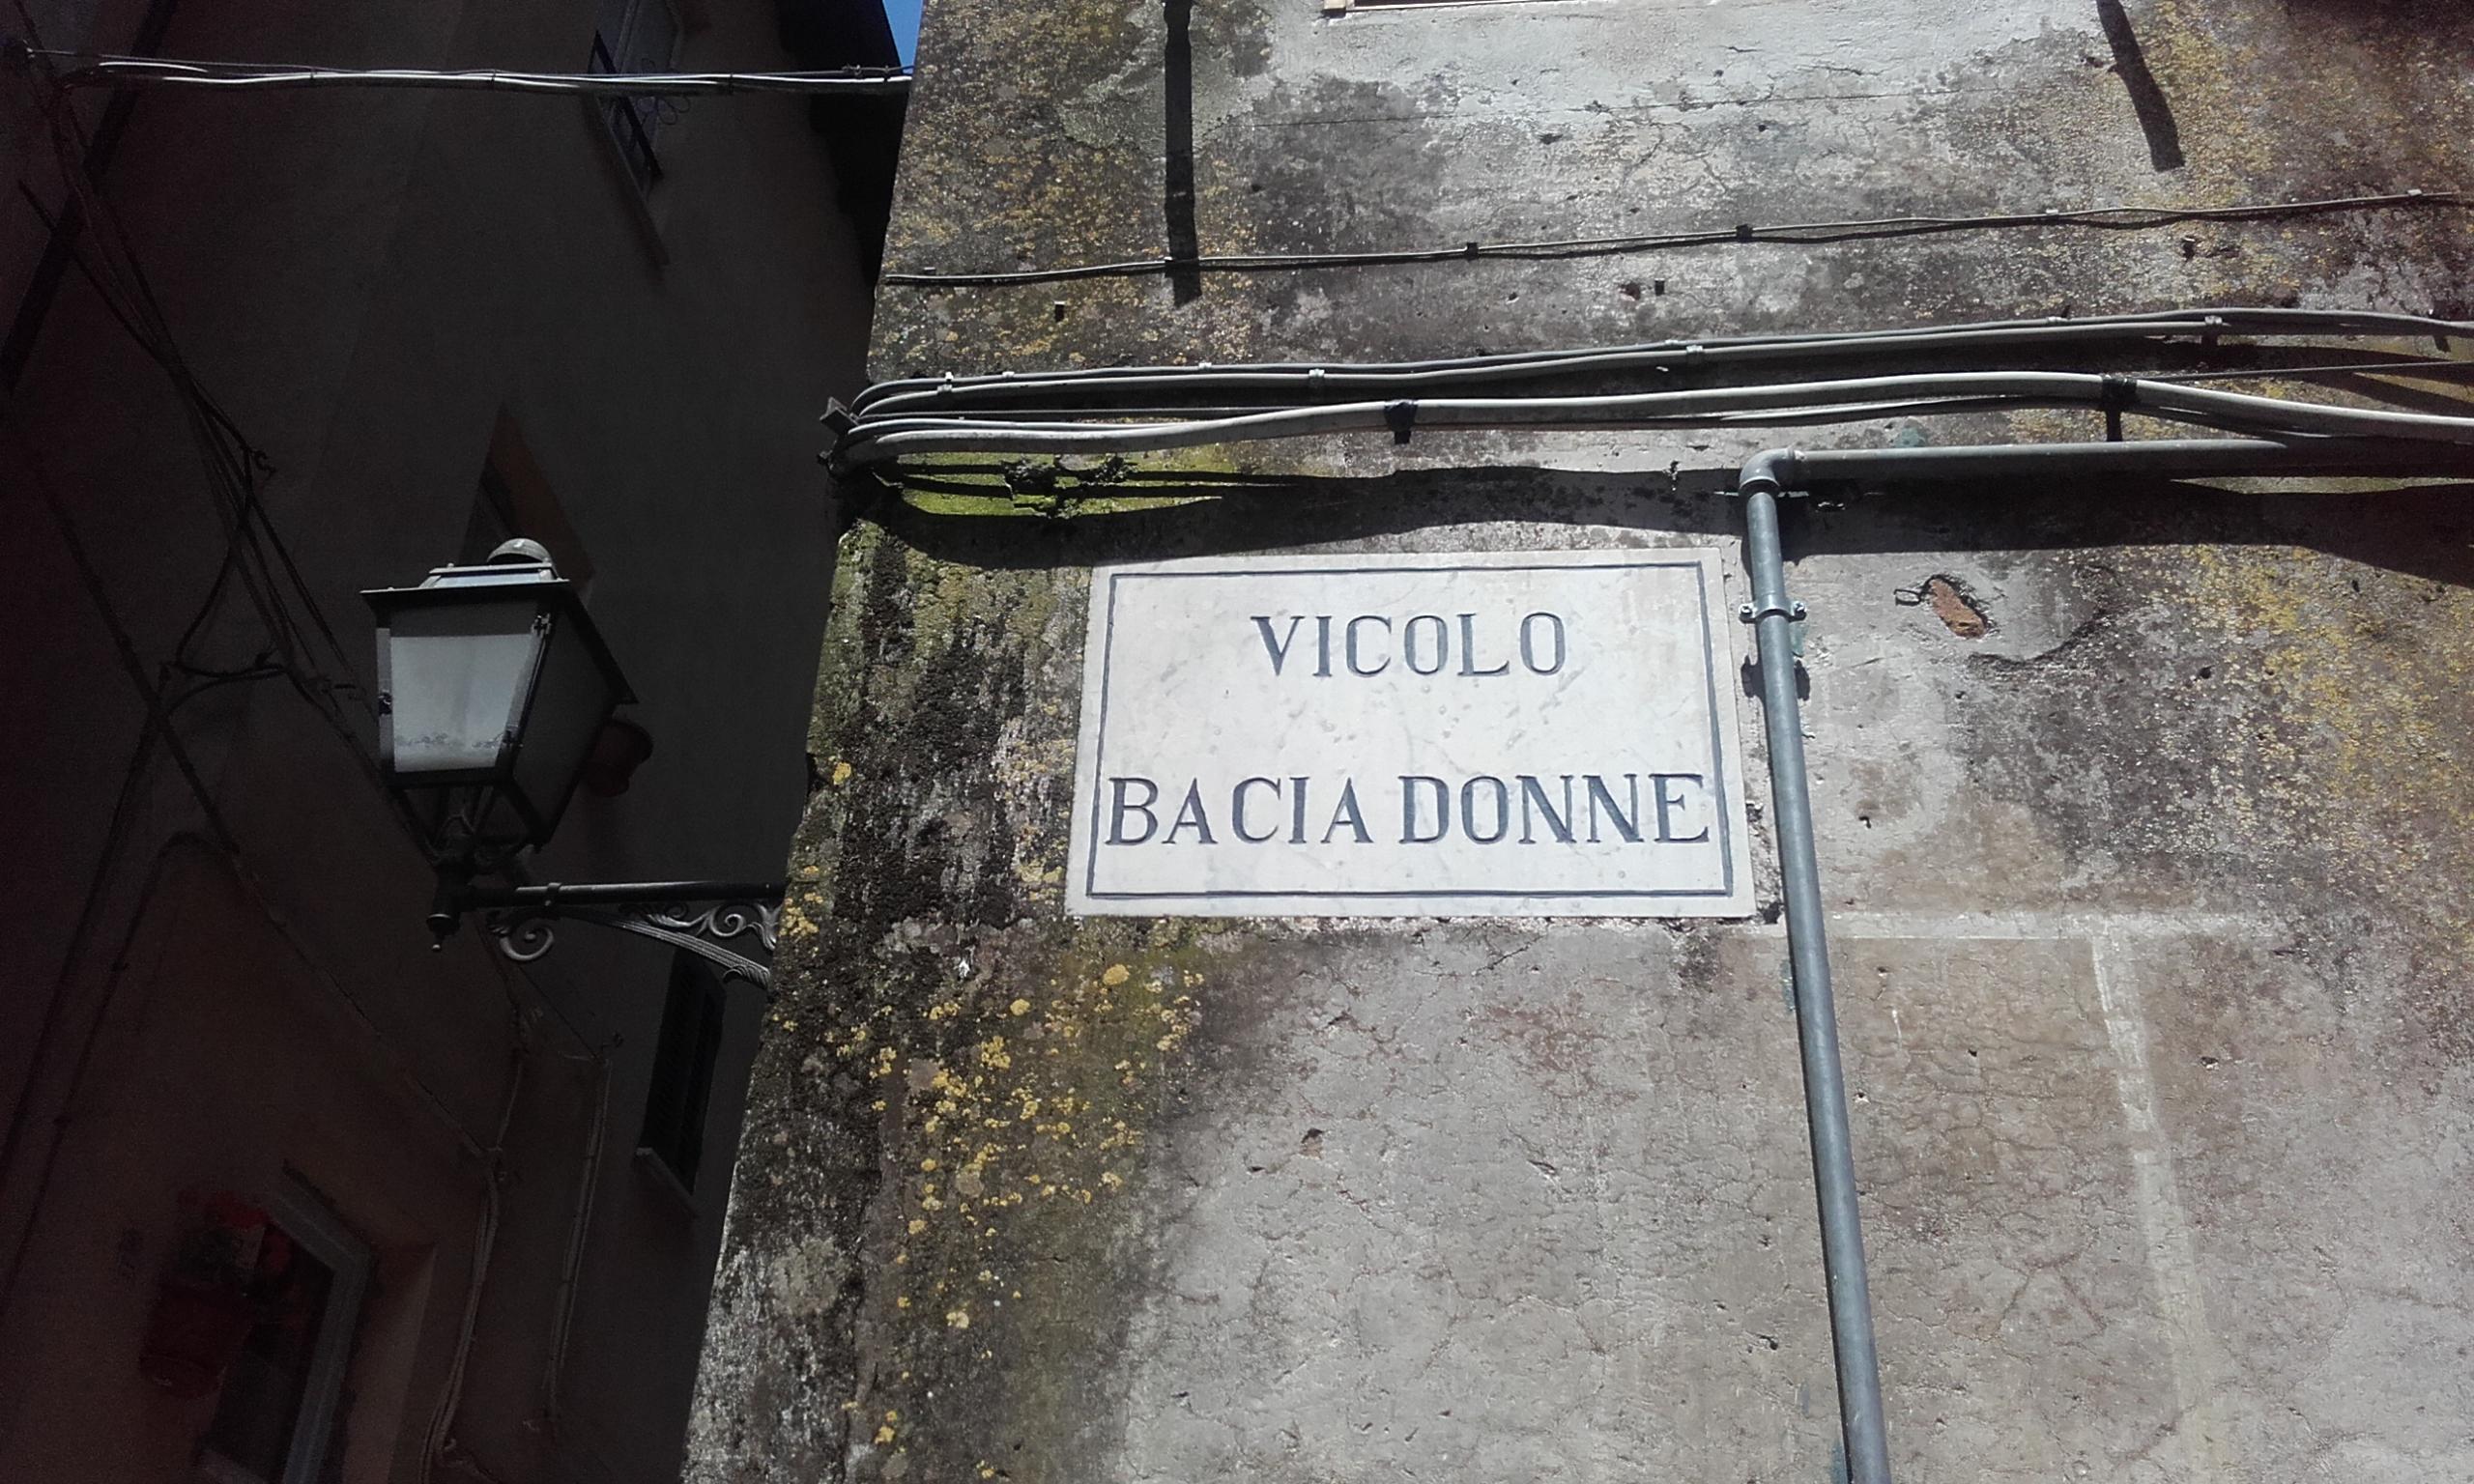 El Vicolo Bacia Donne